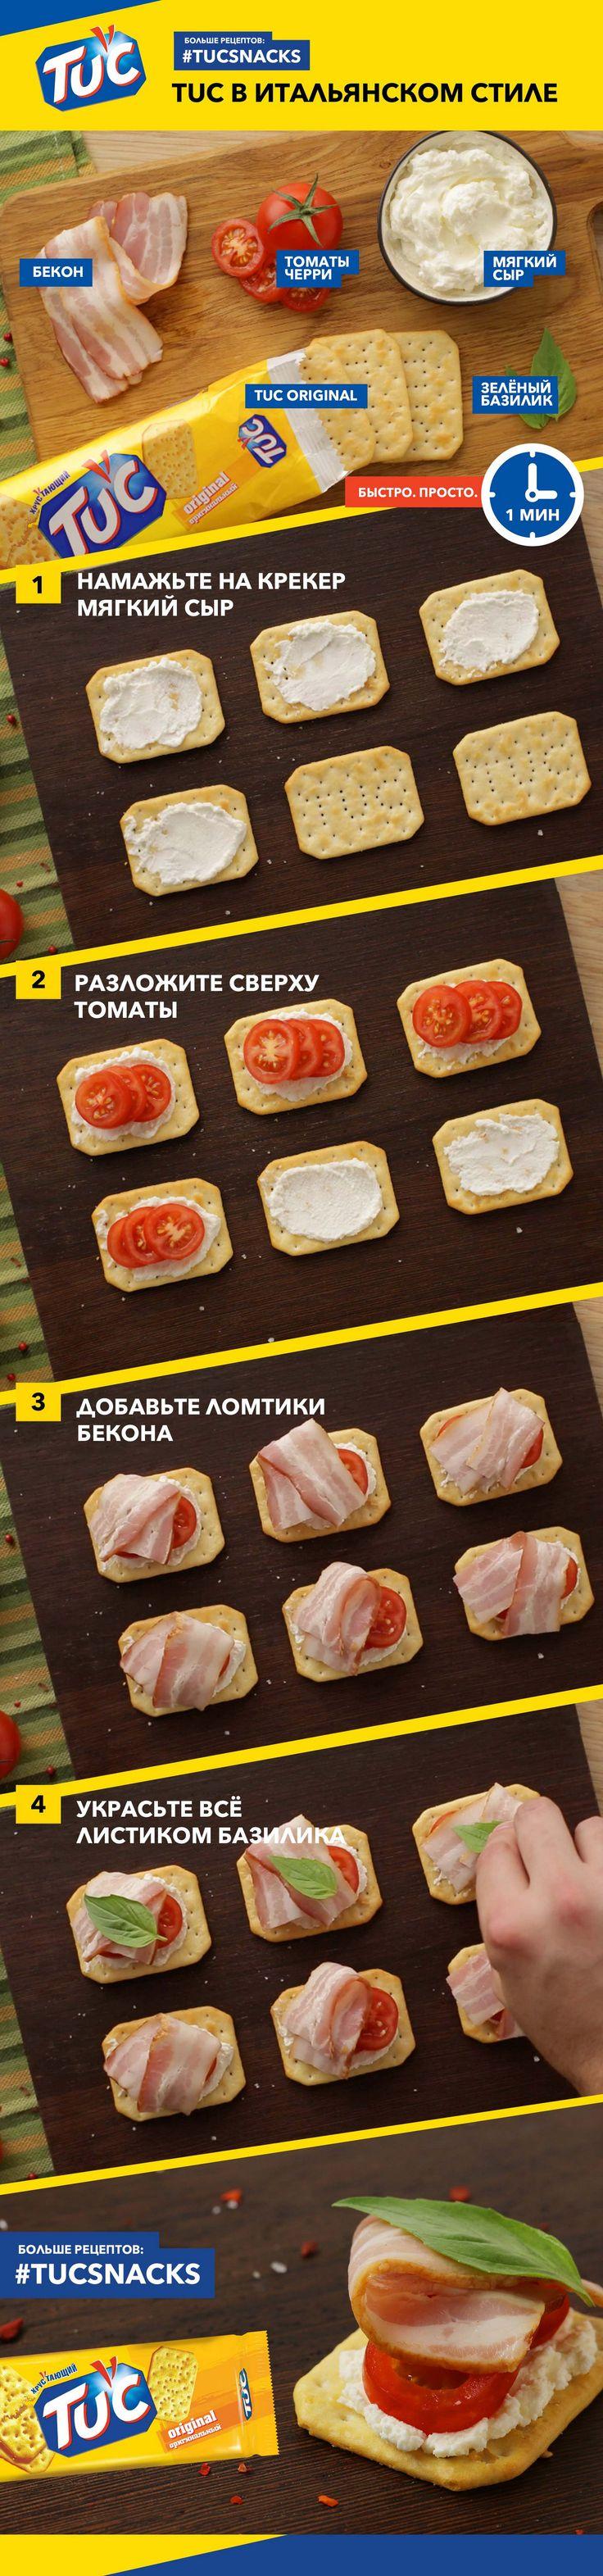 TUC в итальянском стиле. Чтобы почувствовать себя на итальянском патио тебе понадобятся: TUC Original, бекон, творожный сыр, черри, базилик. Намажь крекер тонким слоем мягкого сыра, а сверху выложи порезанный черри и ломтик бекона, укрась листочком базилика. Ebbene?  #tucsnacks #tuc